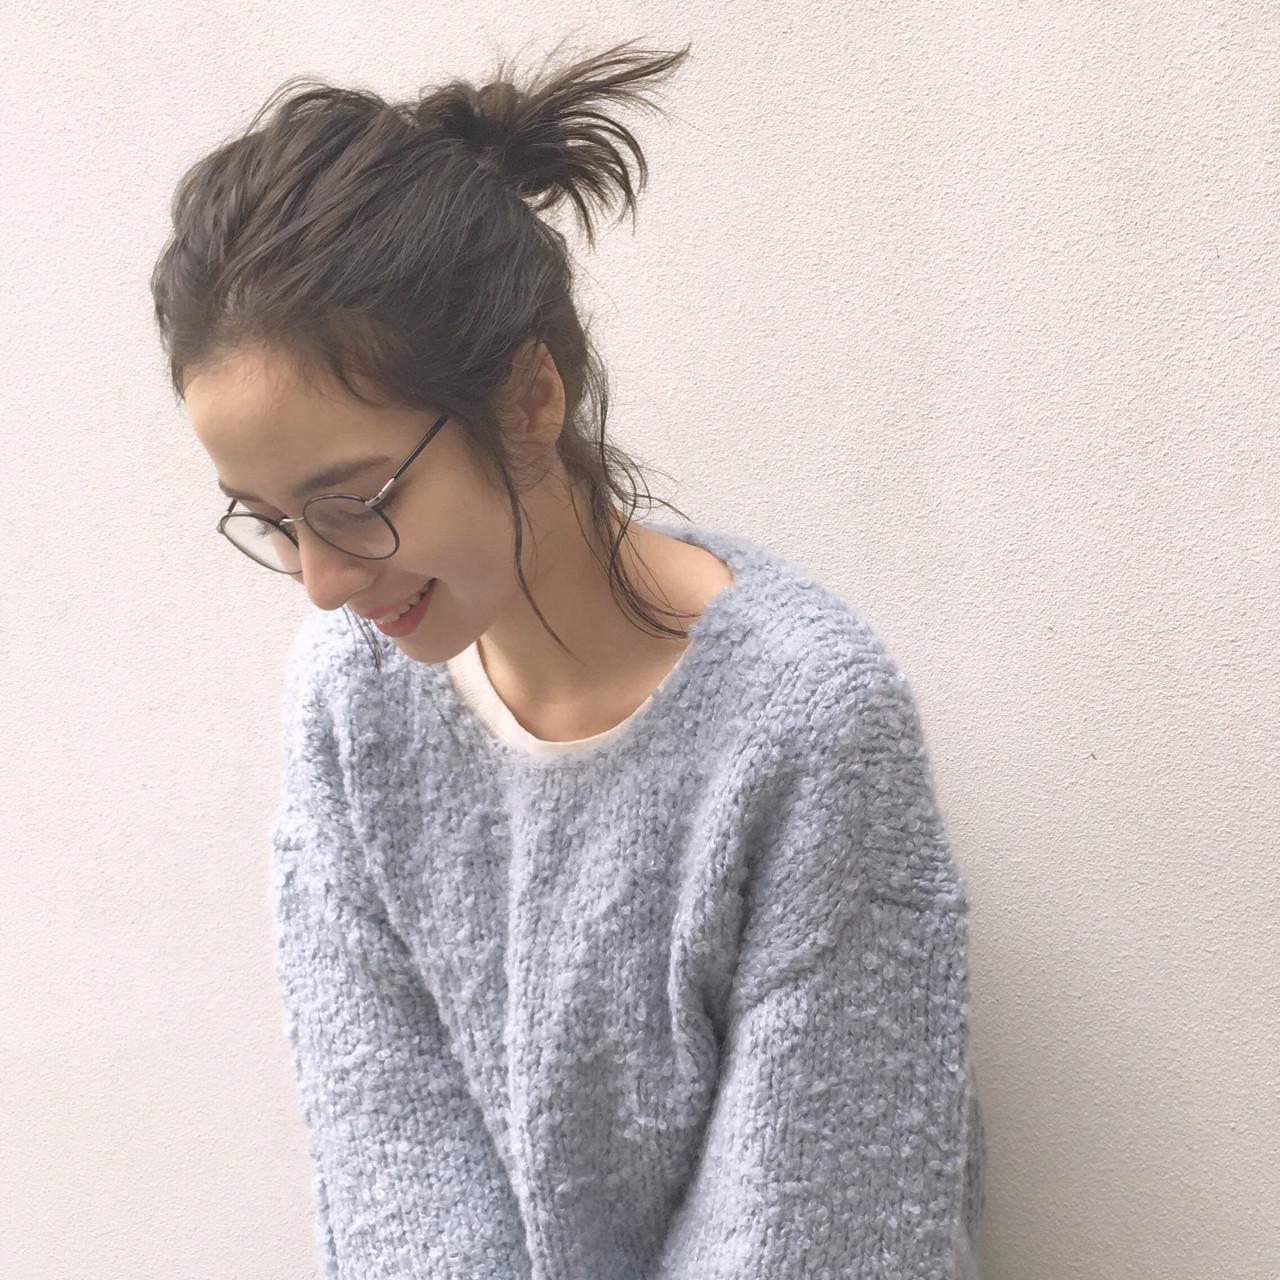 前髪なしのリラックスモードお団子ヘア 高田怜奈